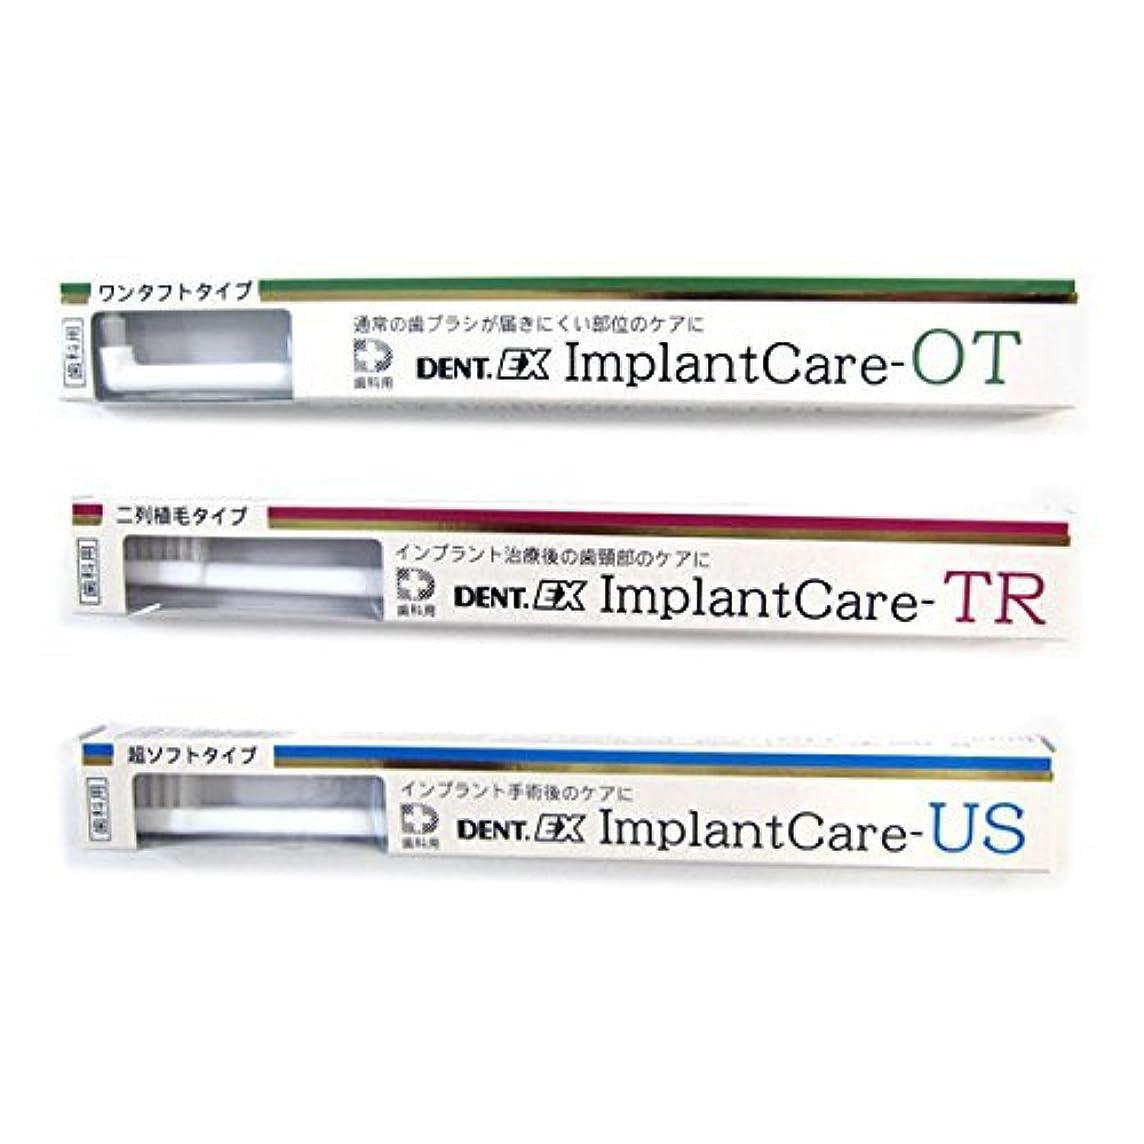 日光話をする確かにデント DENT EX ImplantCare インプラントケア 単品 OT(ワンタフト)